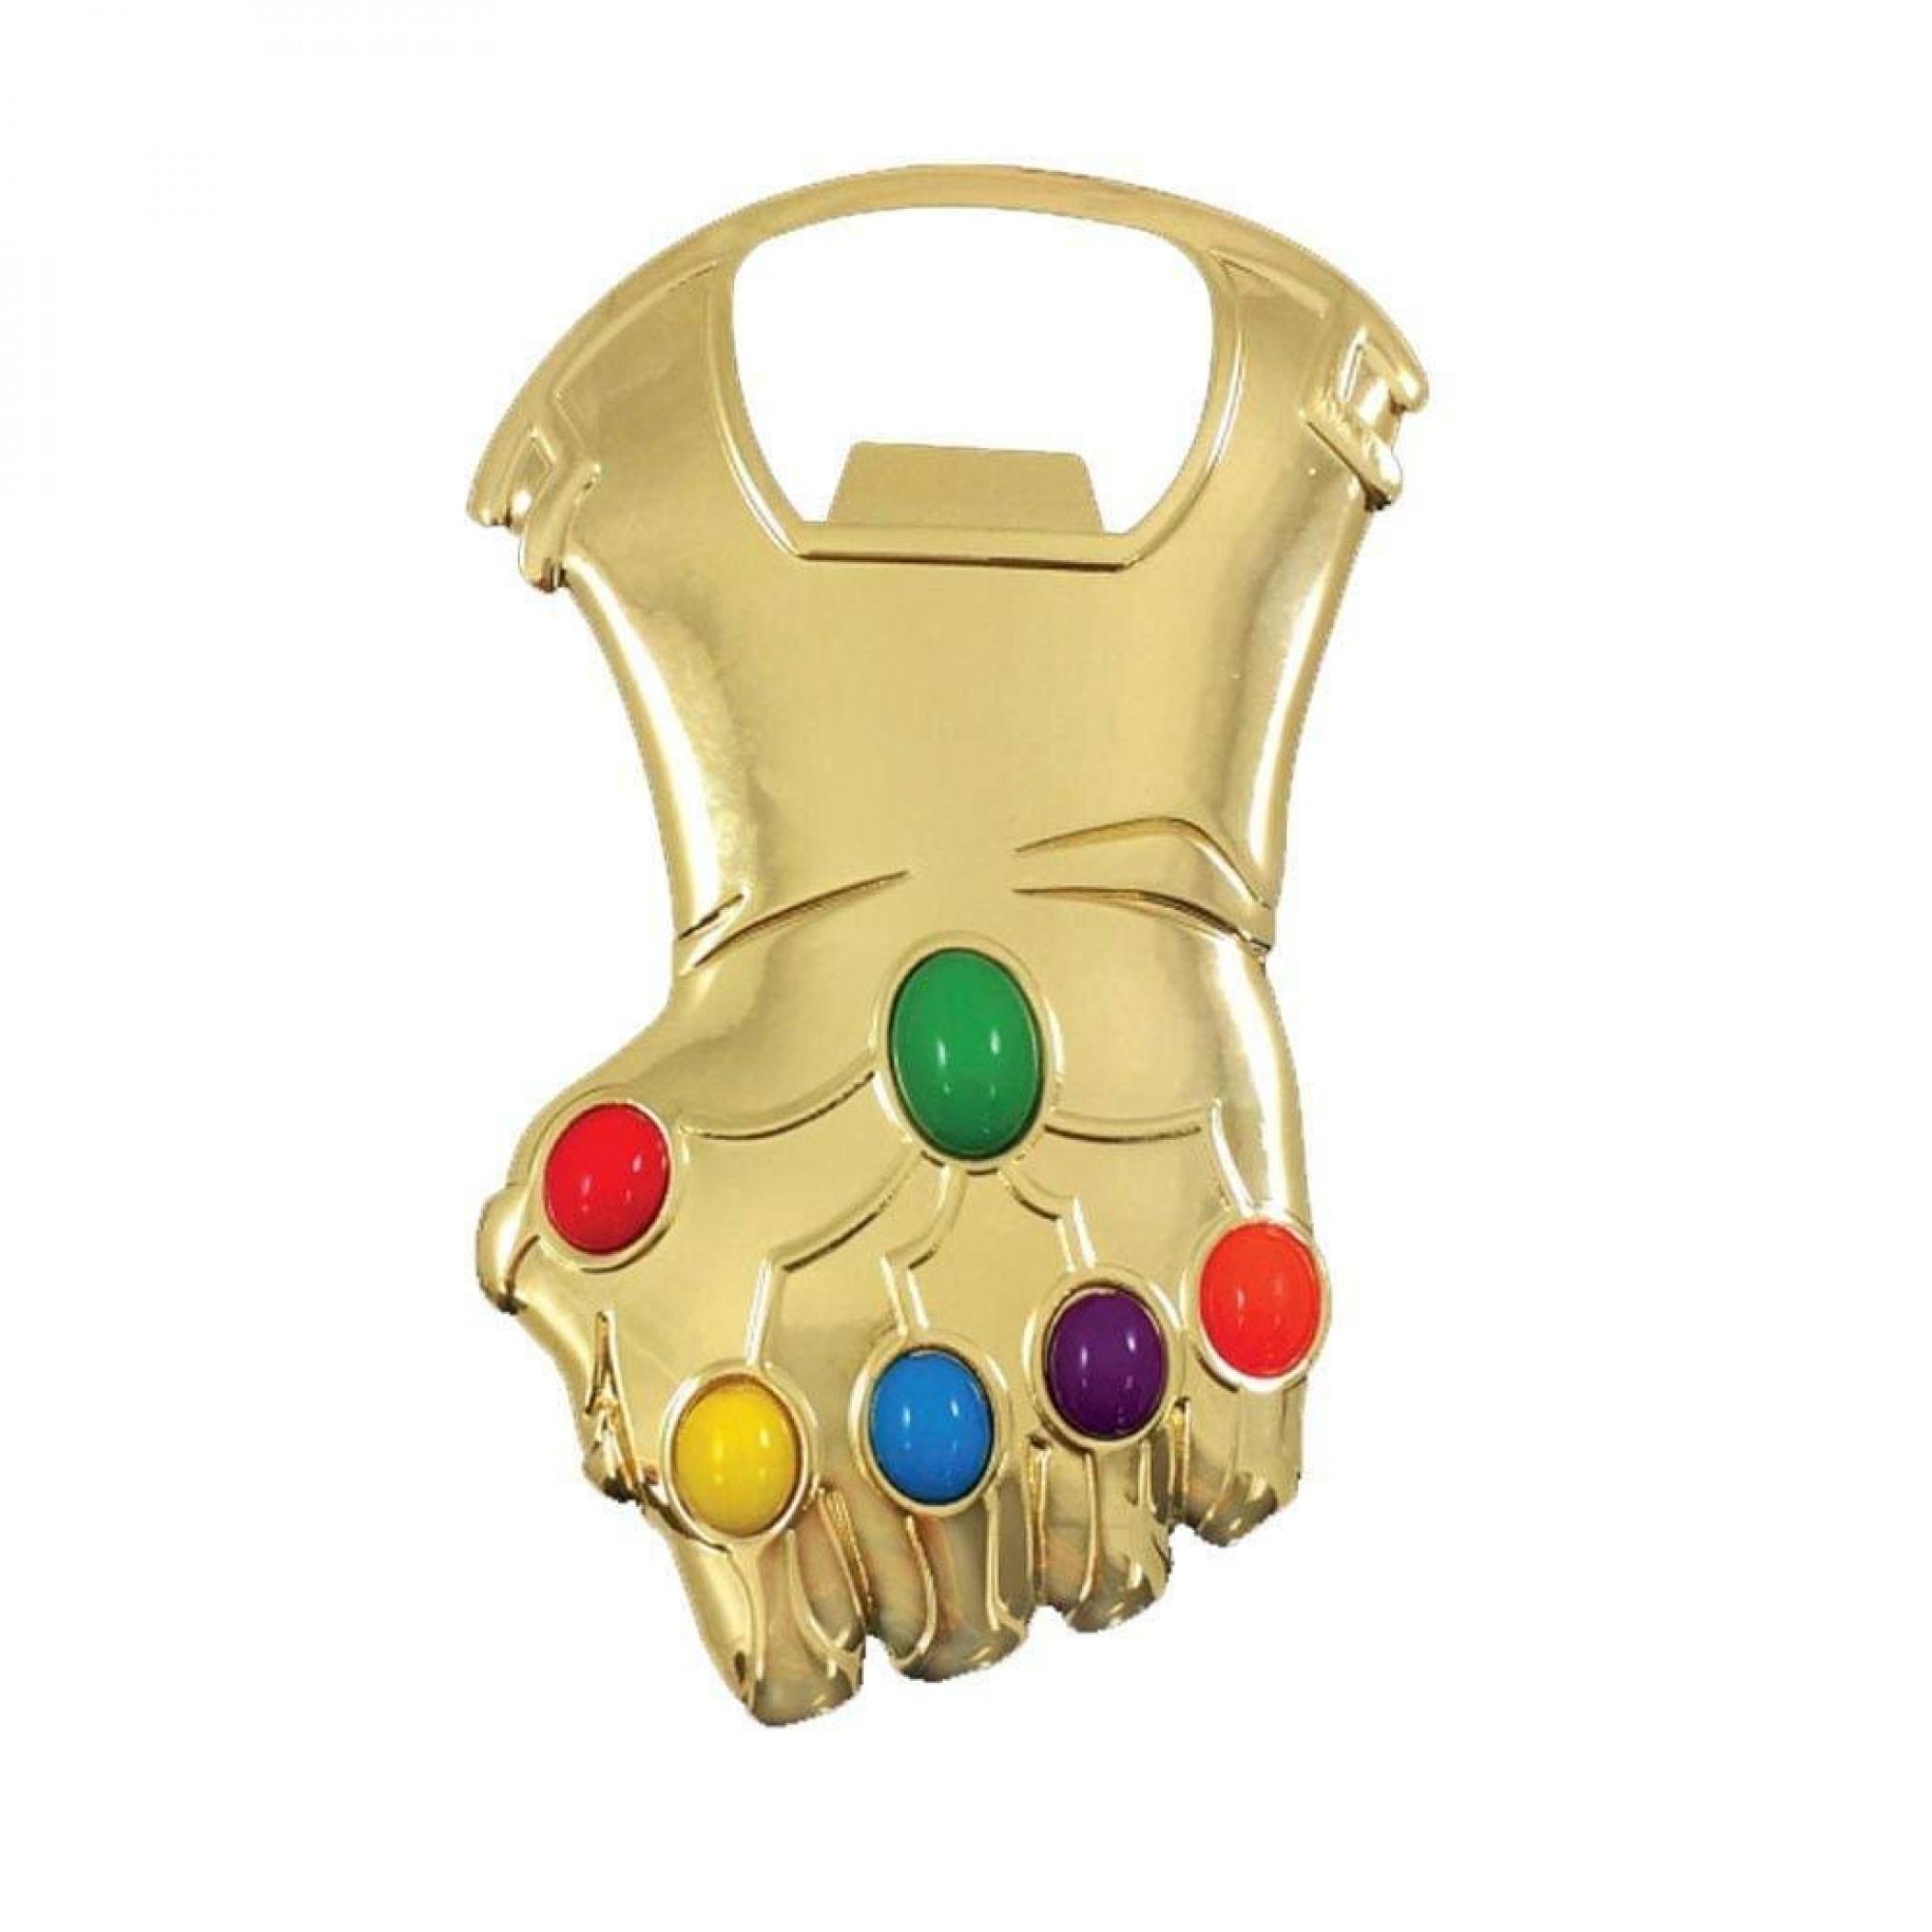 Avengers Infinity War Gauntlet Bottle Opener